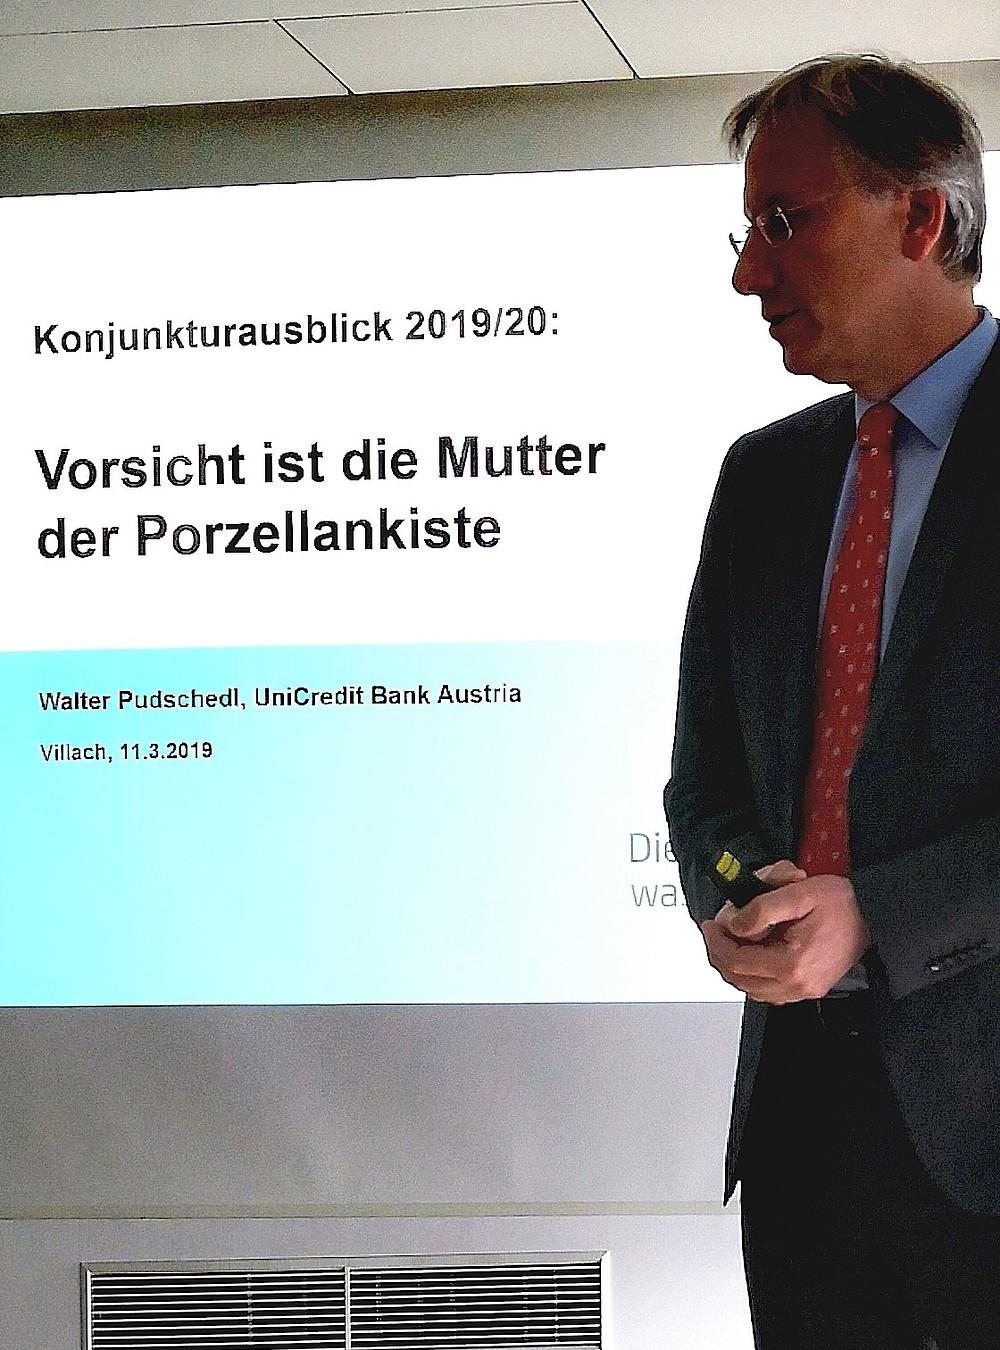 Walter Pudschedl, Bank Austria